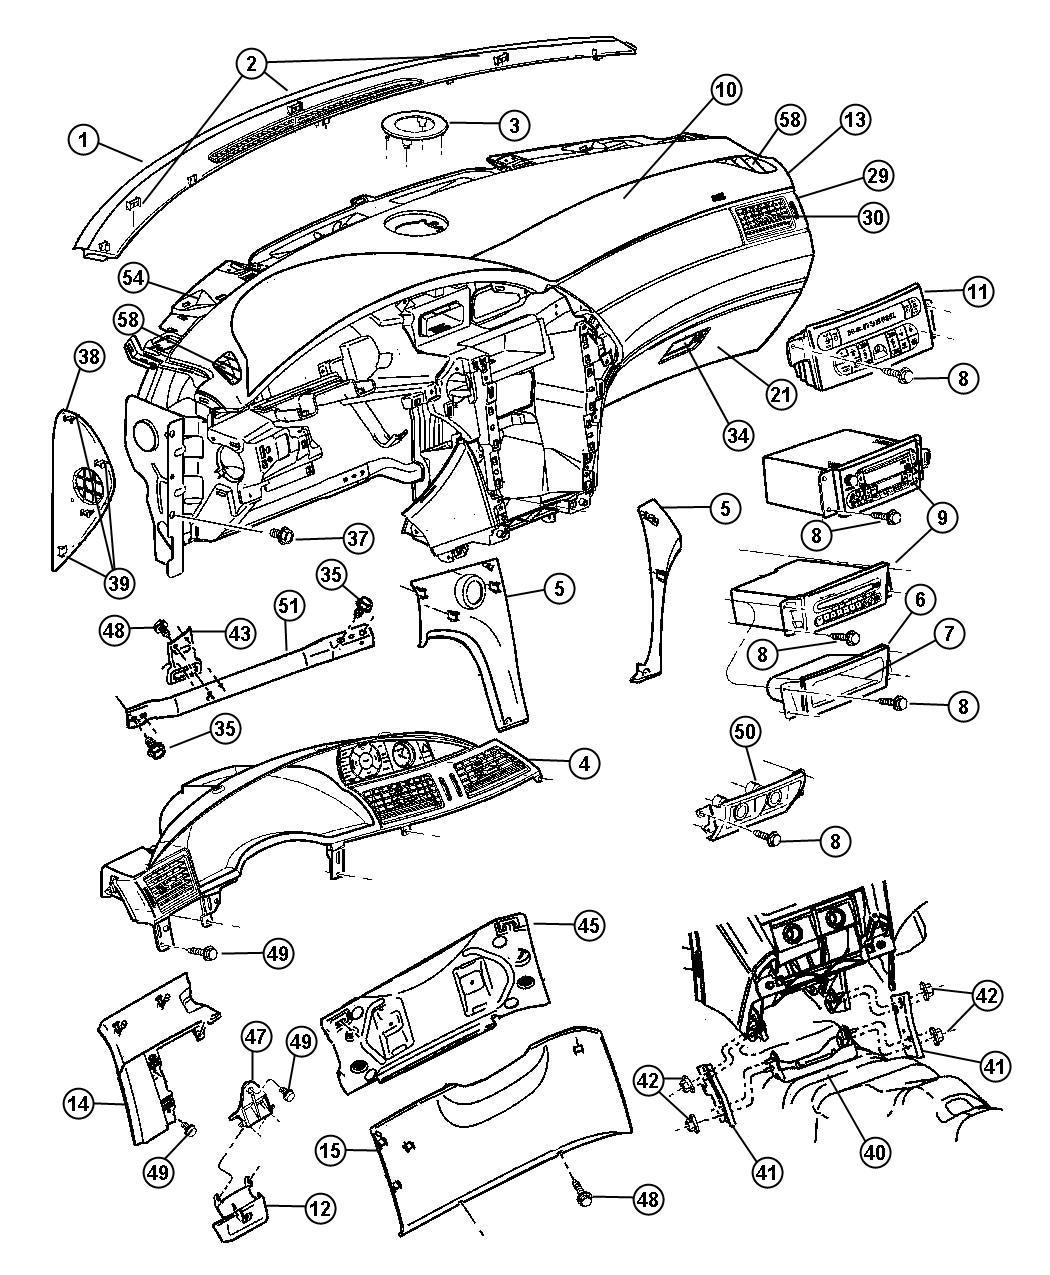 Dodge Caliber Kneeblocker Steering Column Opening